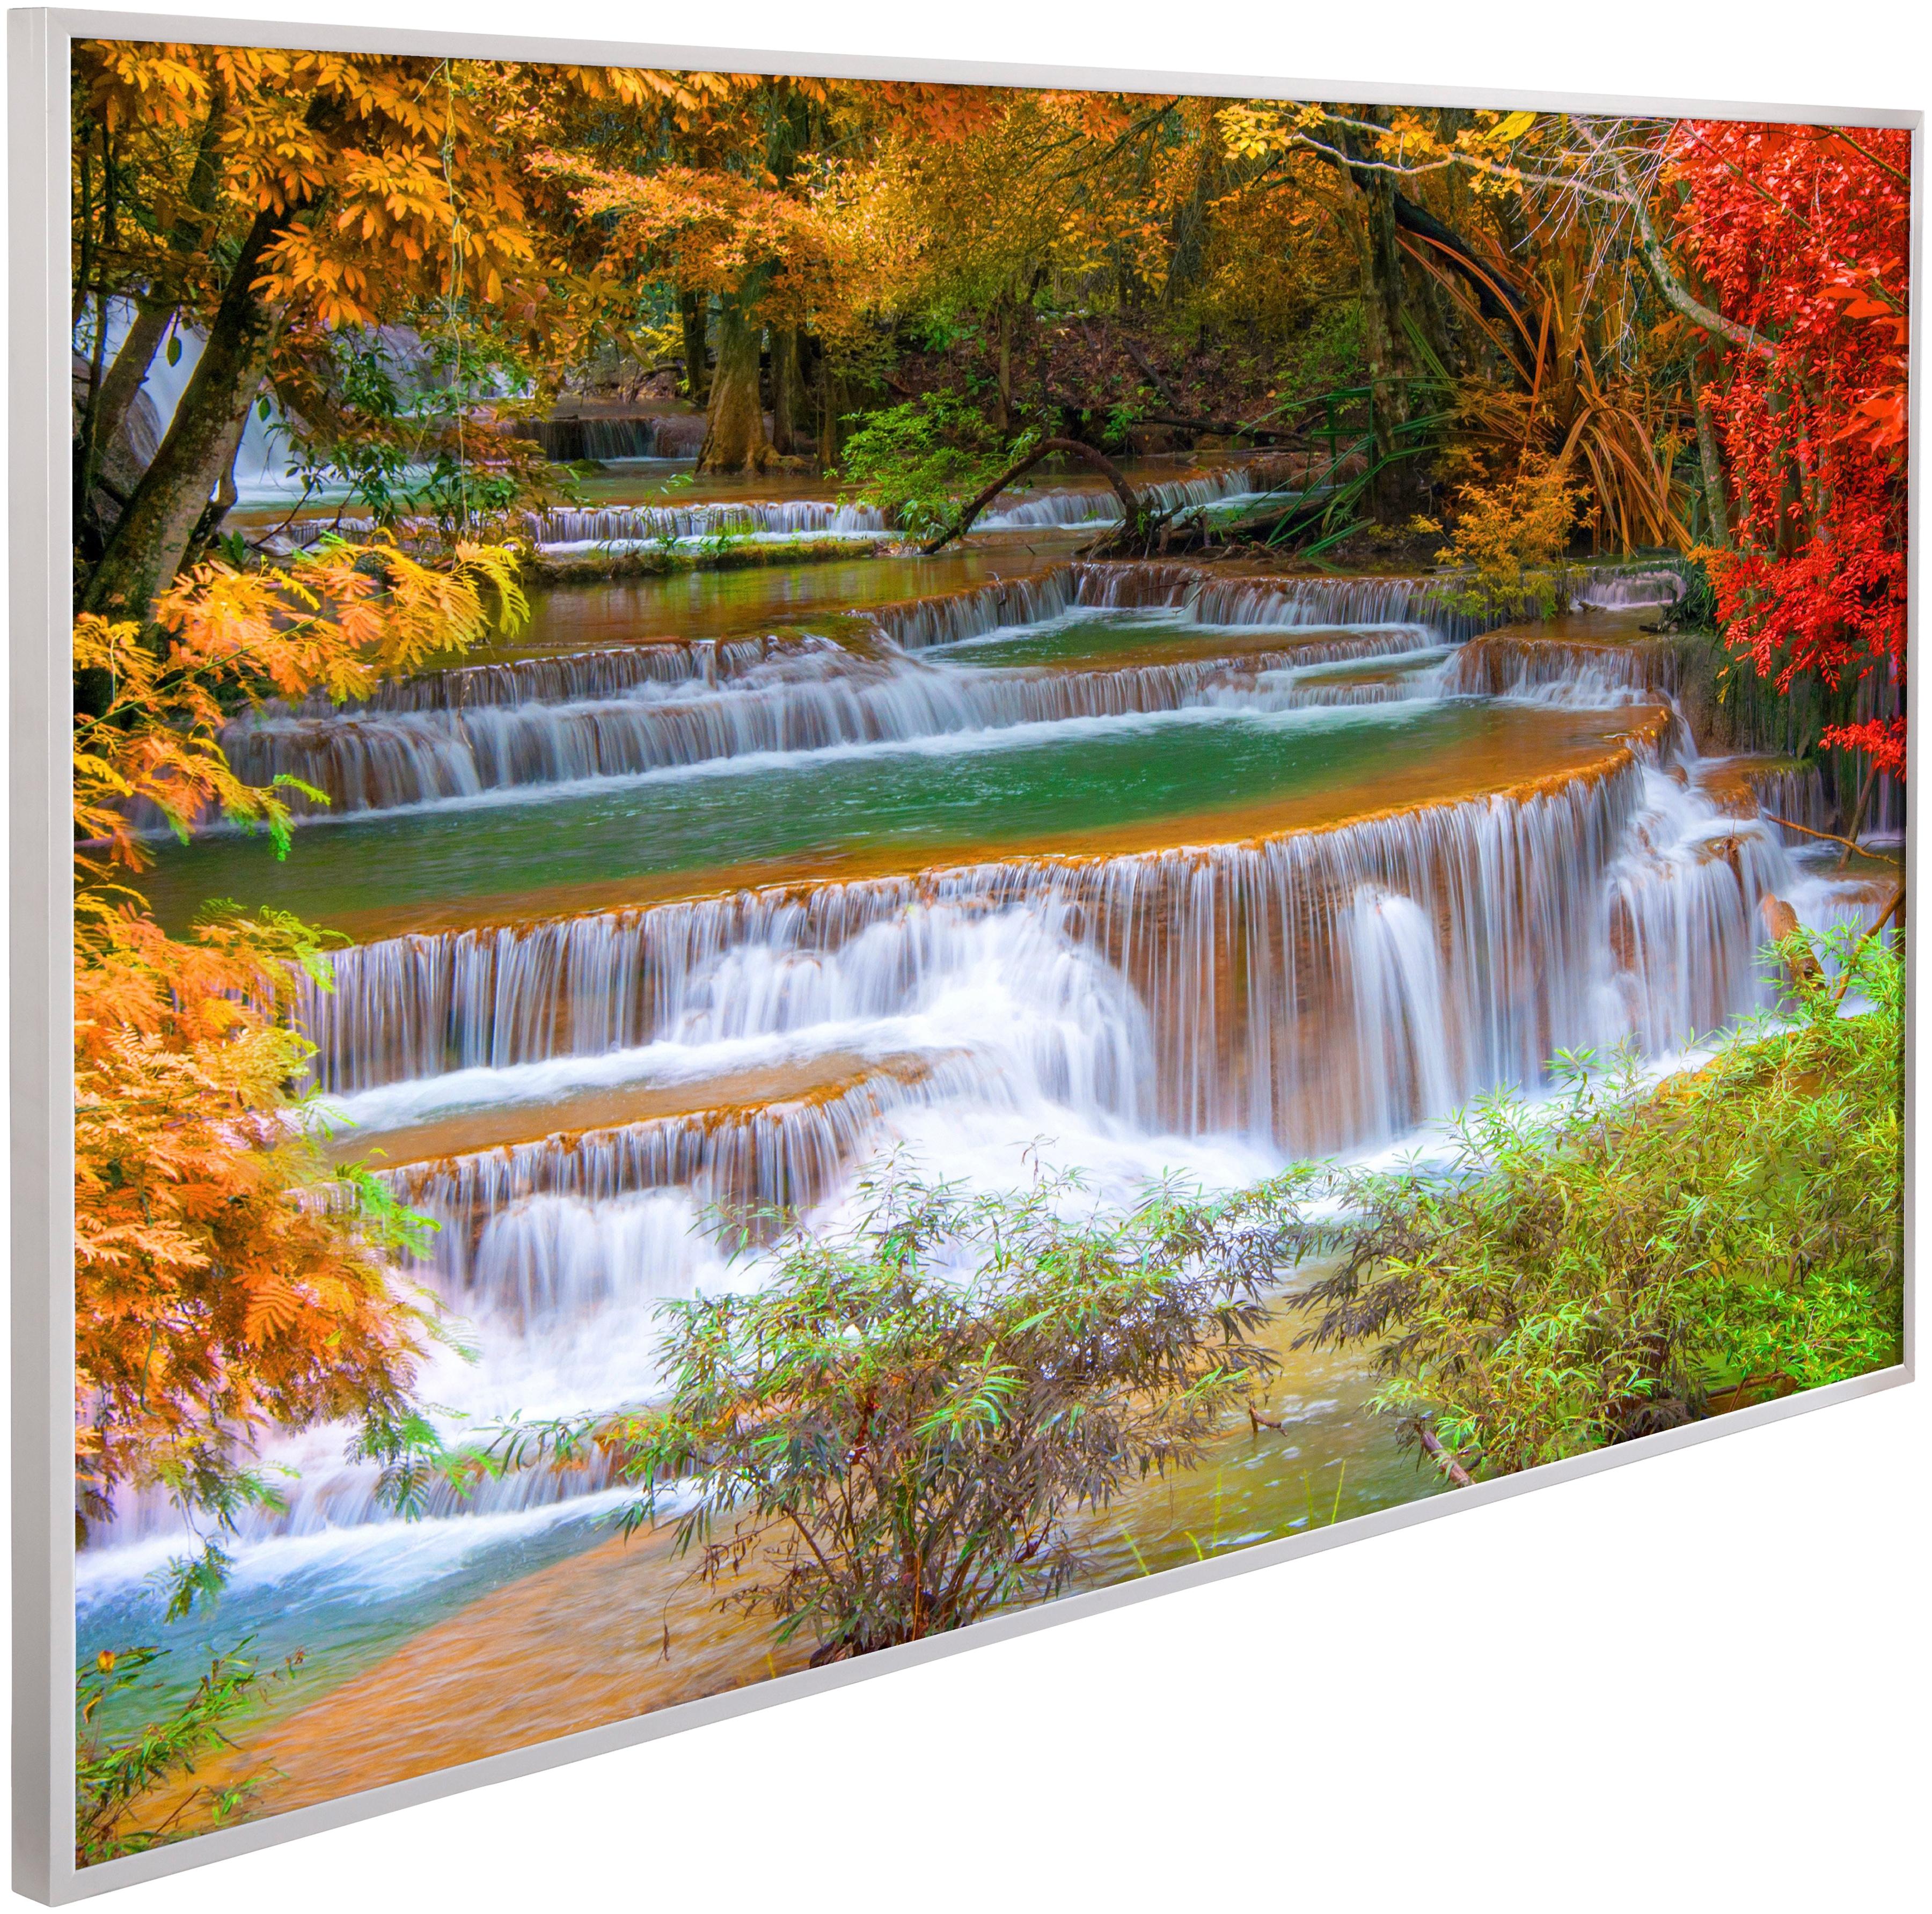 PAPERMOON Infrarotwandheizgerät »EcoHeat Wasserfall Regenwald«, Aluminium, 600 W, 100x60 cm   Baumarkt > Heizung und Klima > Heizgeräte   PAPERMOON